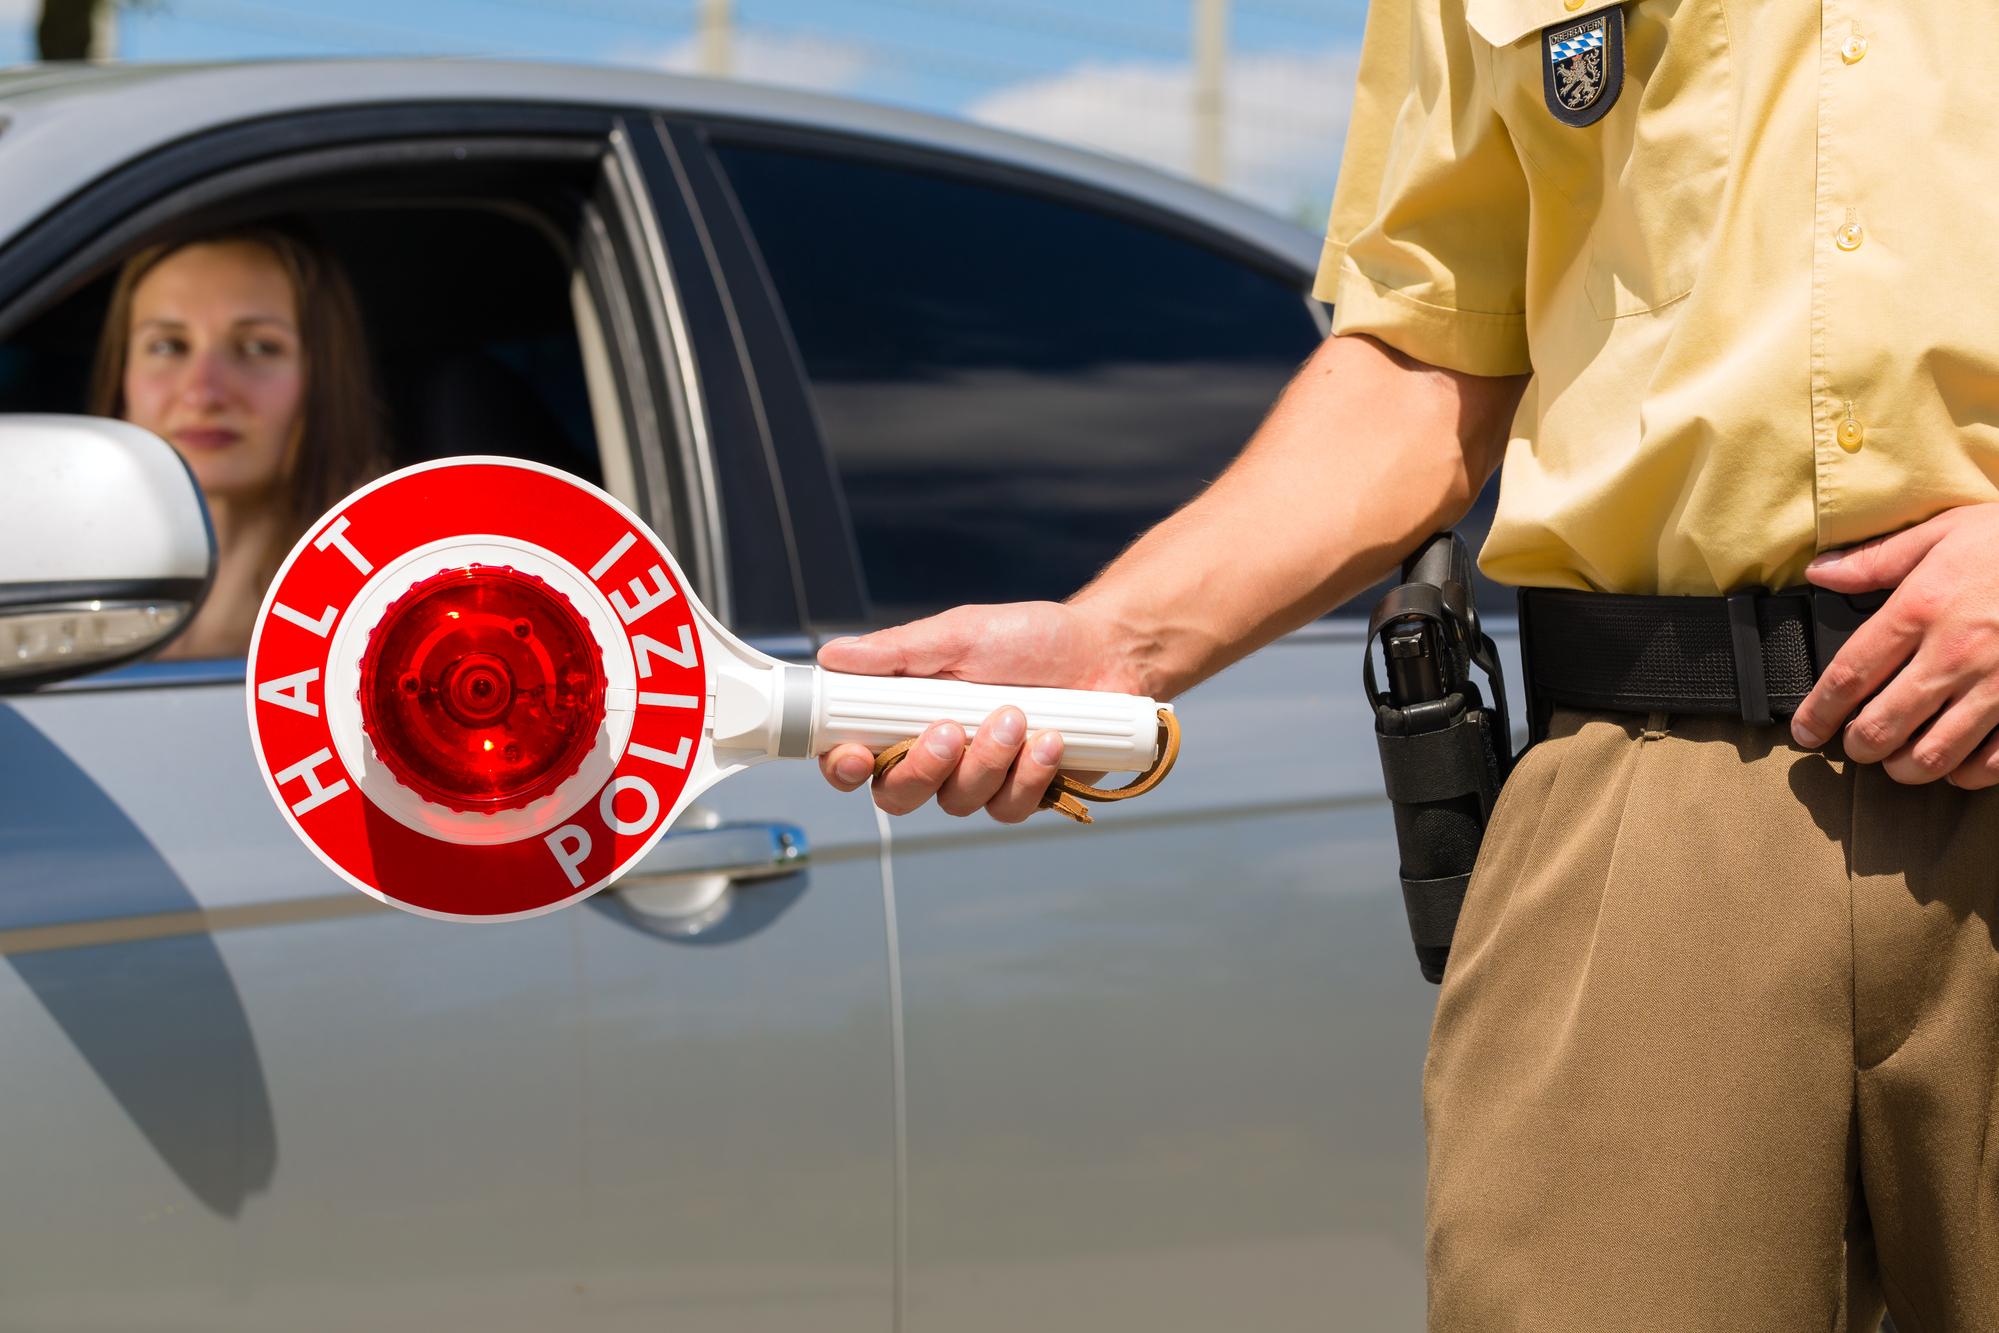 Штраф за побег от полиции: Как еще накажут водителя